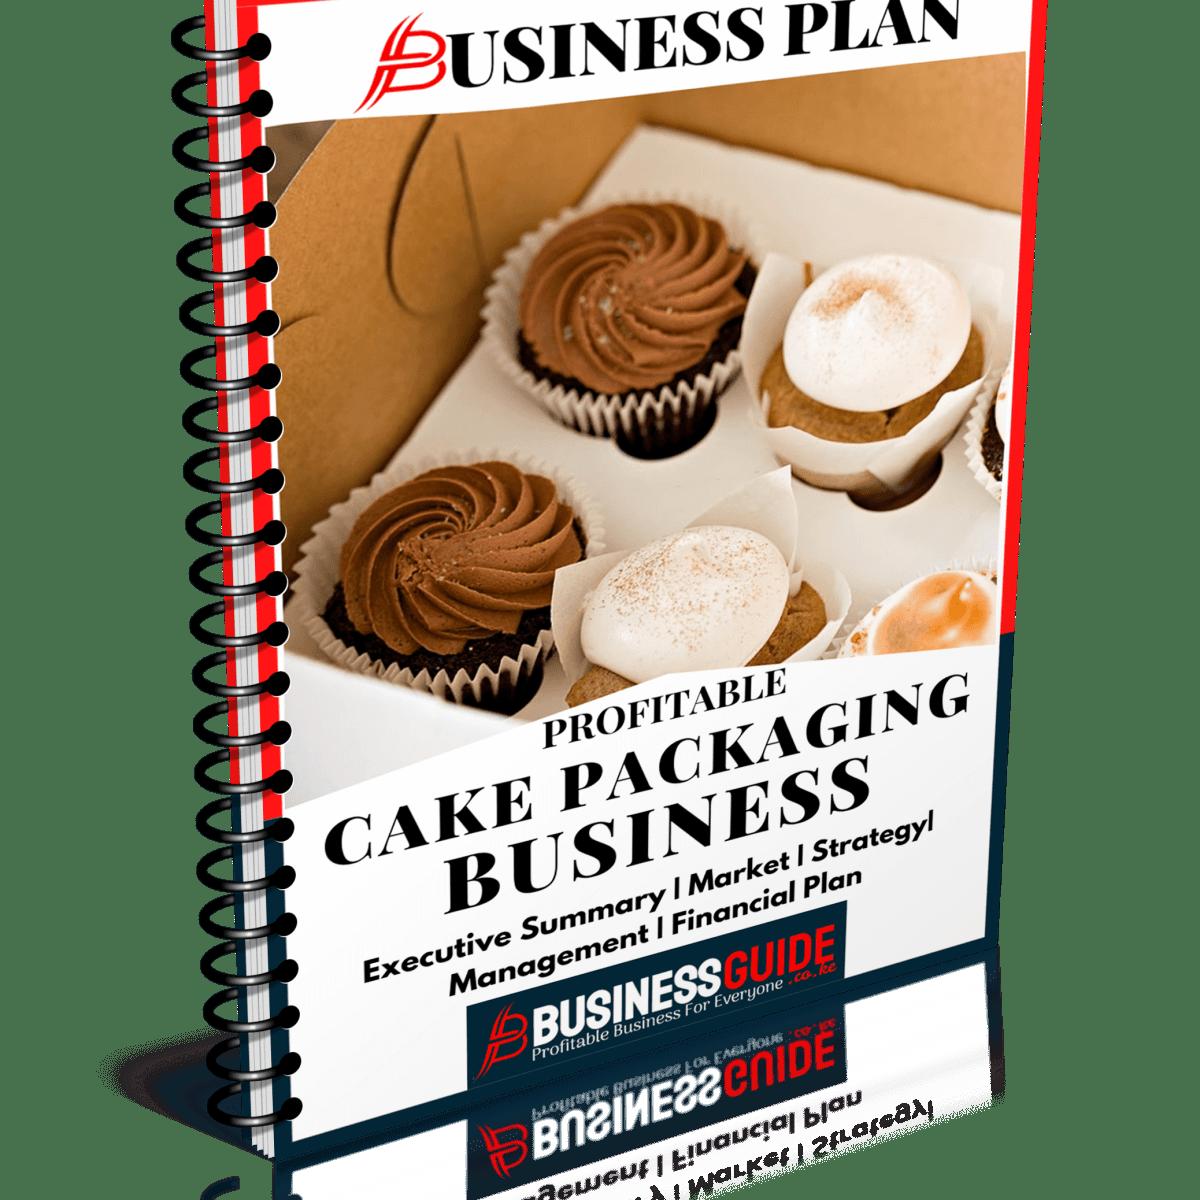 Cake Packaging Business Plan Kenya